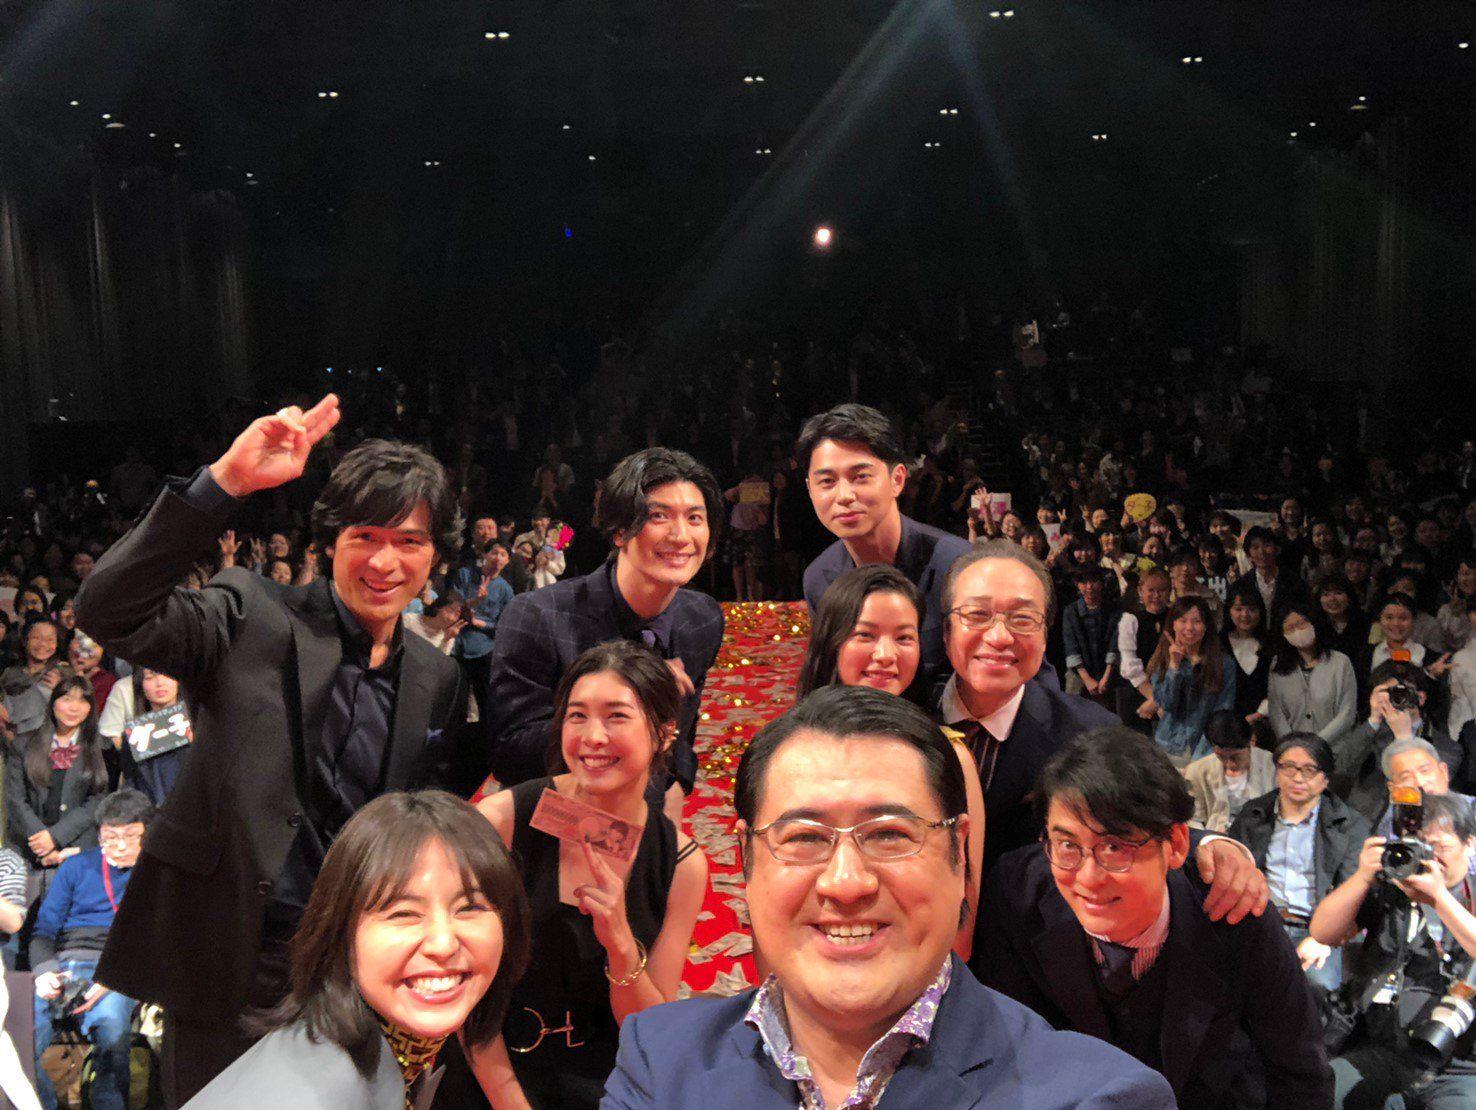 公式 コンフィデンスマンjp 本当に映画化 2019年5月17日 金 公開 On 竹内 結子 コンフィデンスマン 髭男